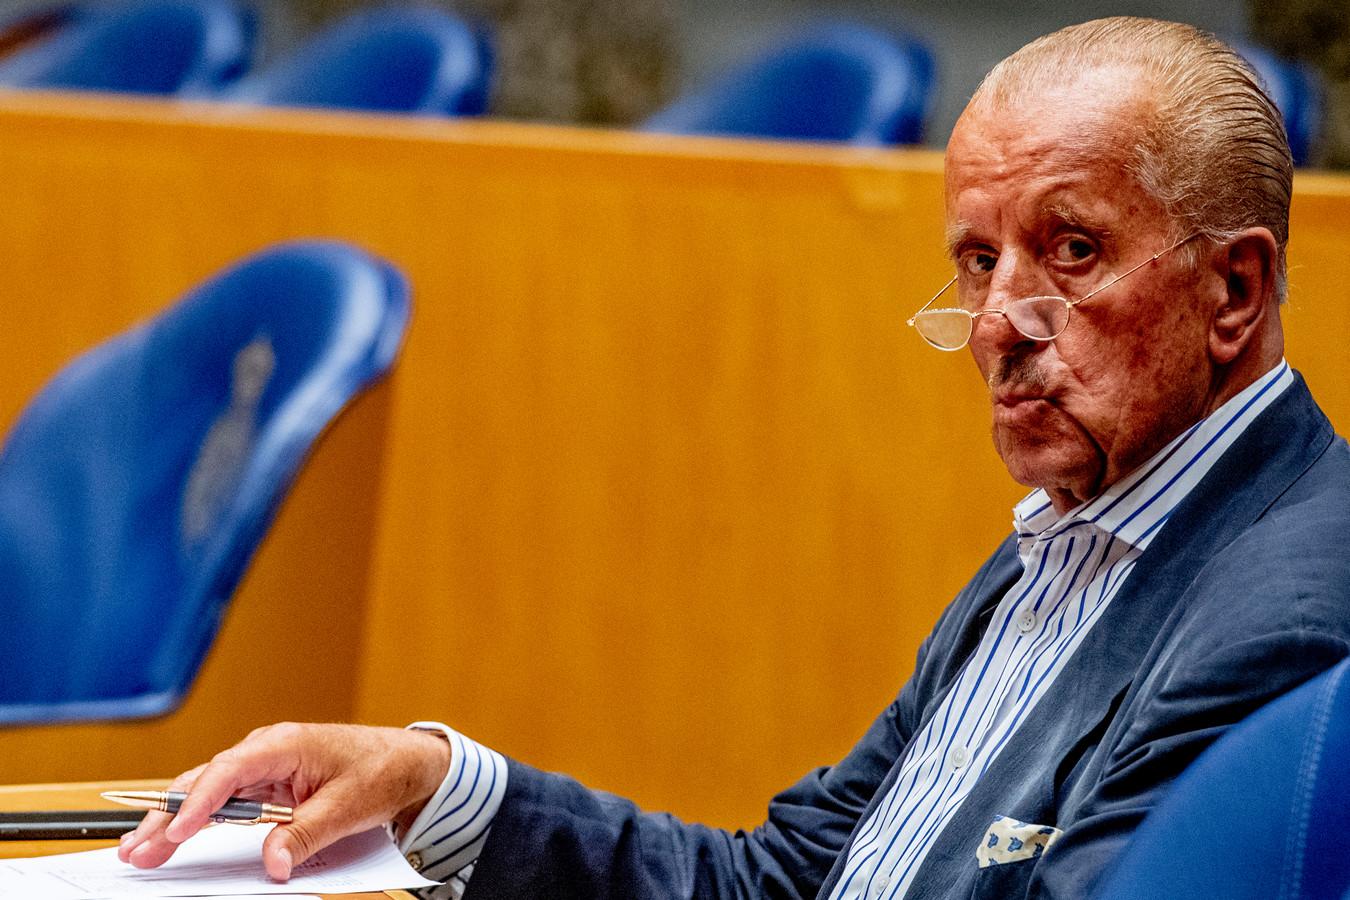 Theo Hiddema van Forum voor Democratie (FvD) doneert namens zijn advocatenfirma ook flink aan de partij.